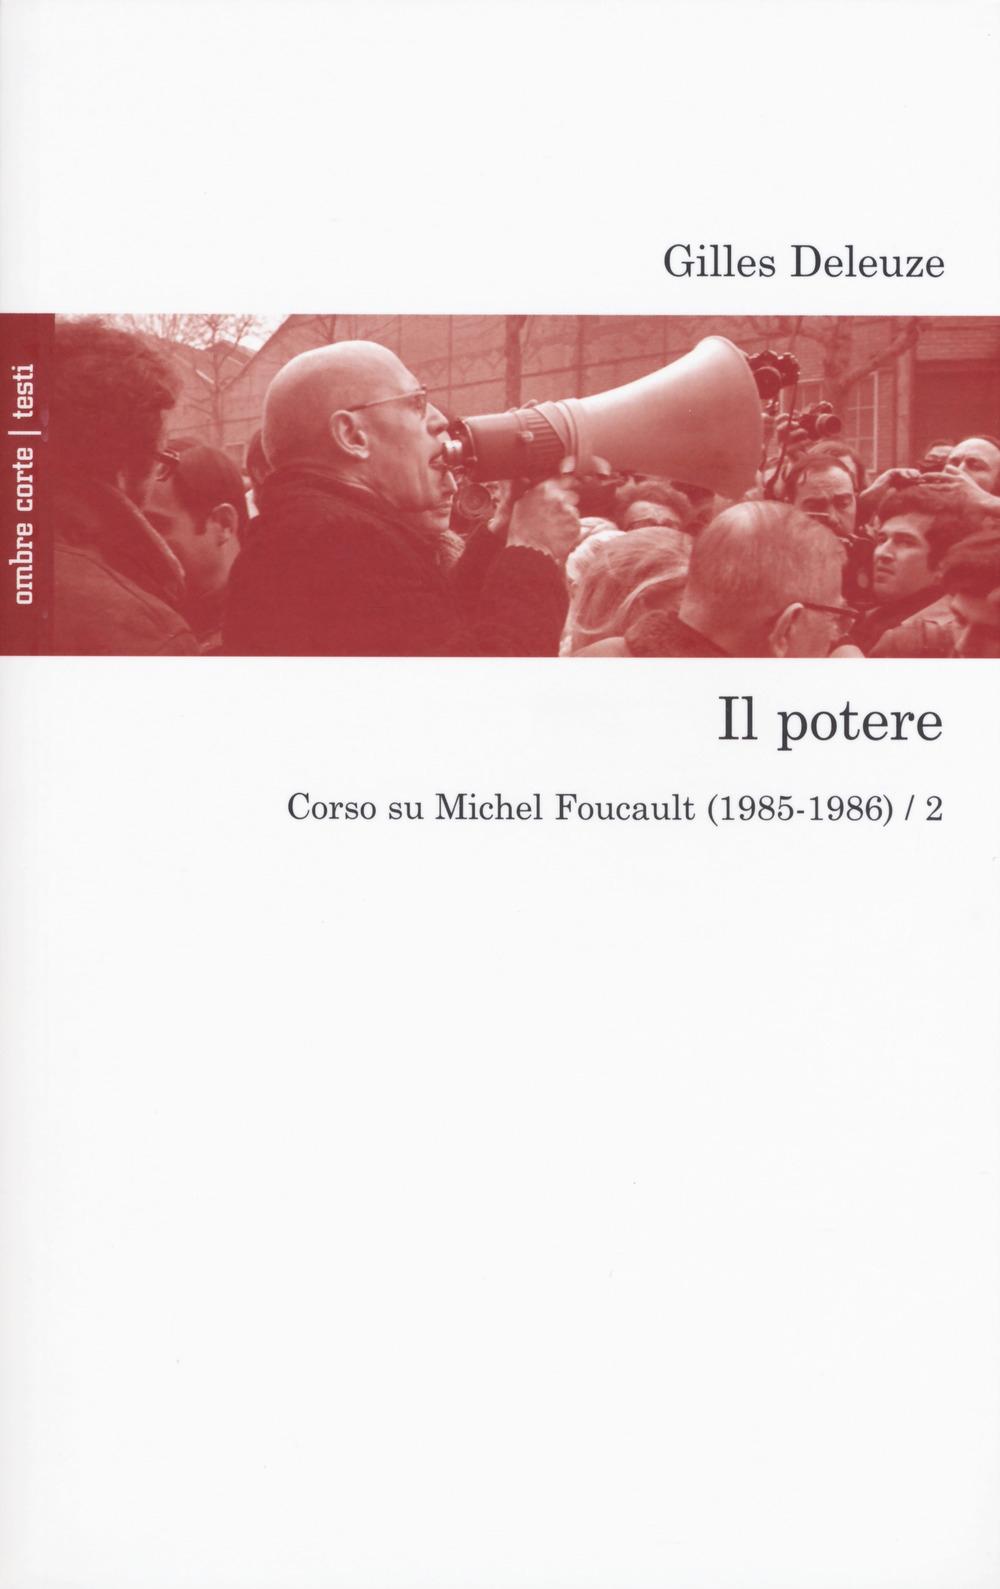 Il potere. Corso su Michel Foucault (1985-1986). Vol. 2